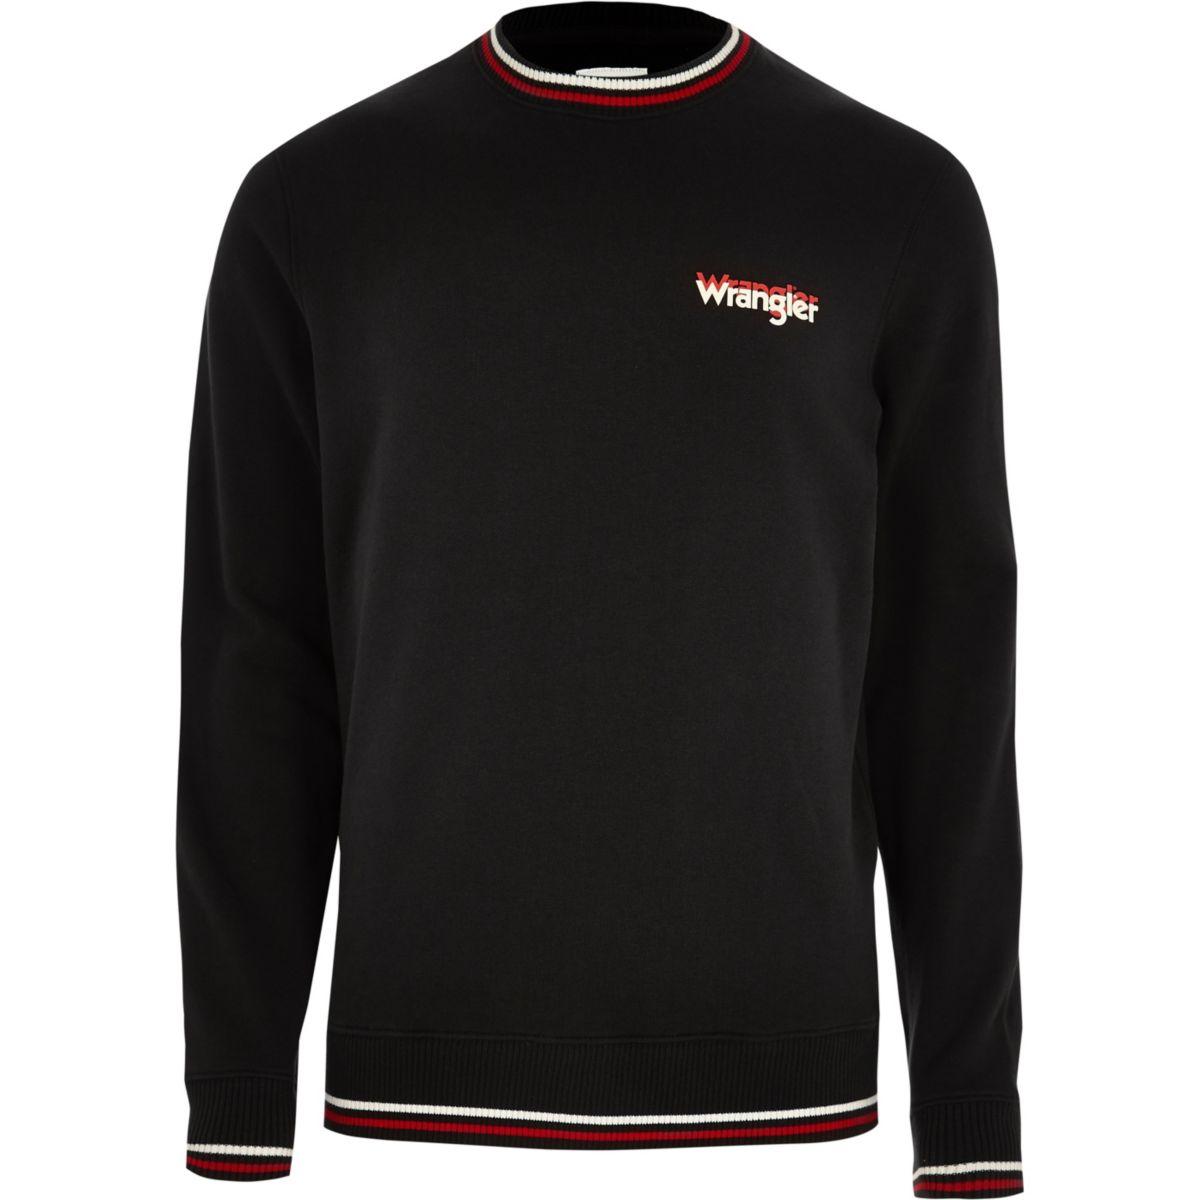 Wrangler black crew neck sweater